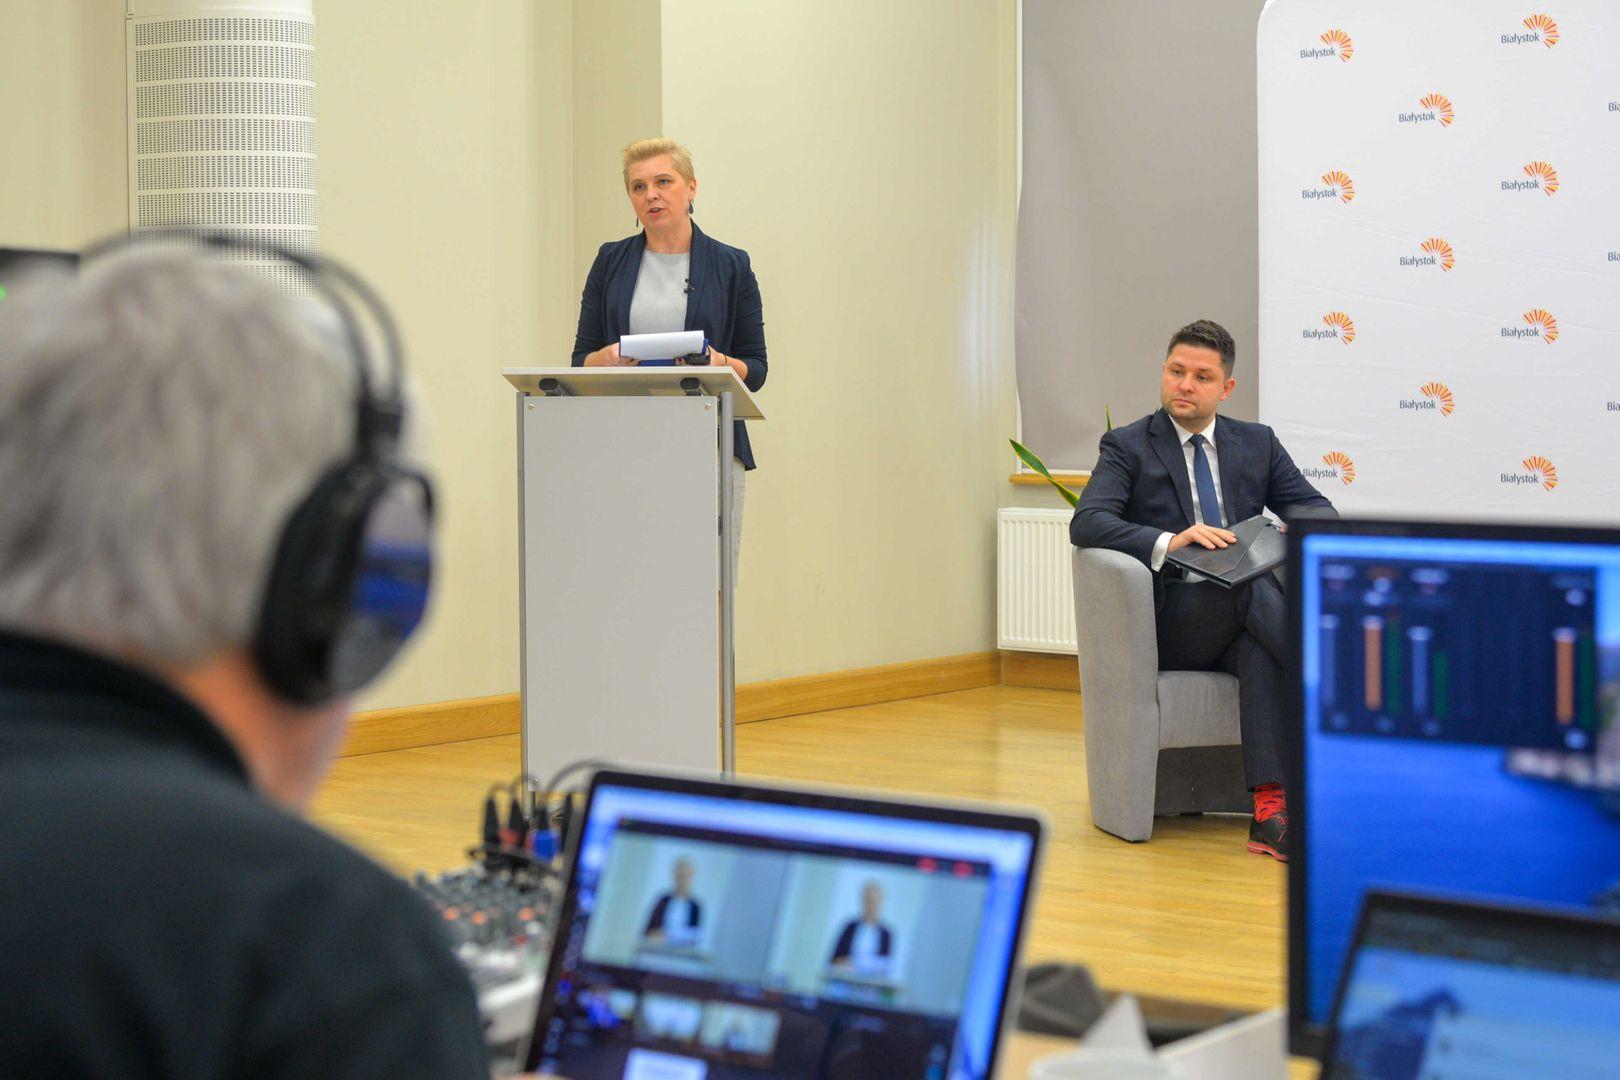 Forum Inicjatyw Społecznych Miasta Białystok, na mównicy Agnieszka Otapowicz z Federacji Białystok